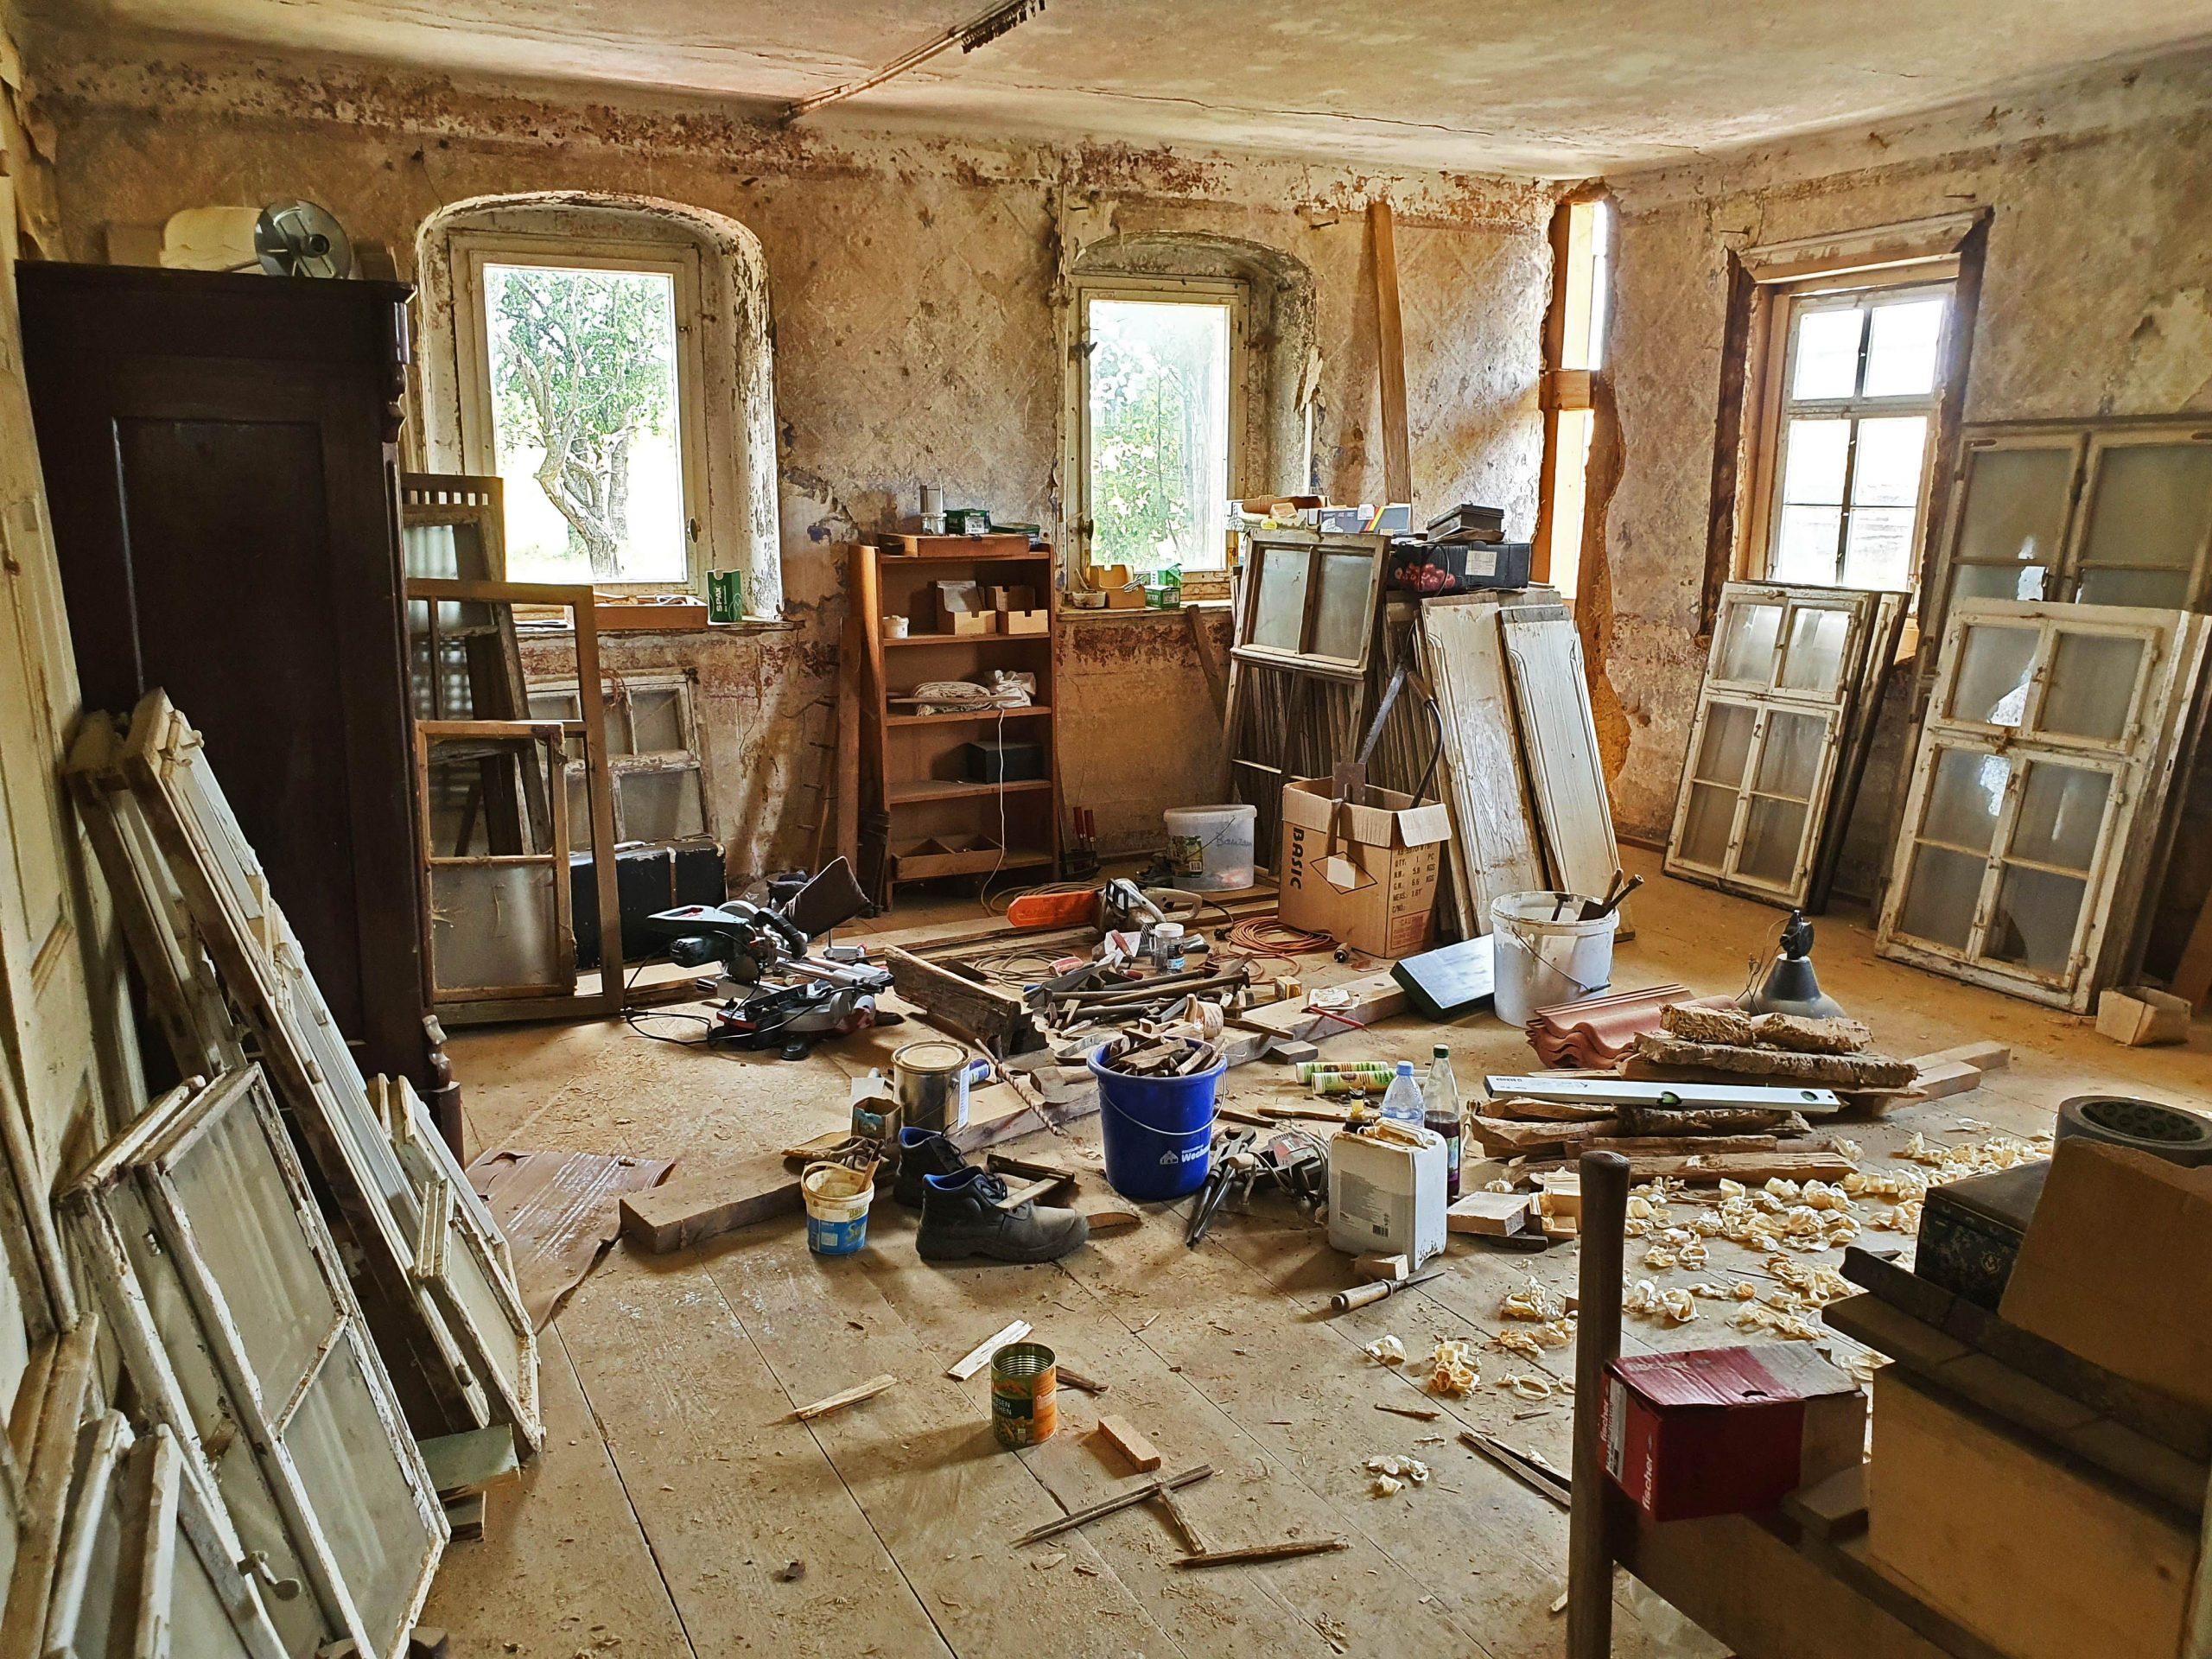 Die Schönheit des geordneten Chaos, Foto: Maike Steuer